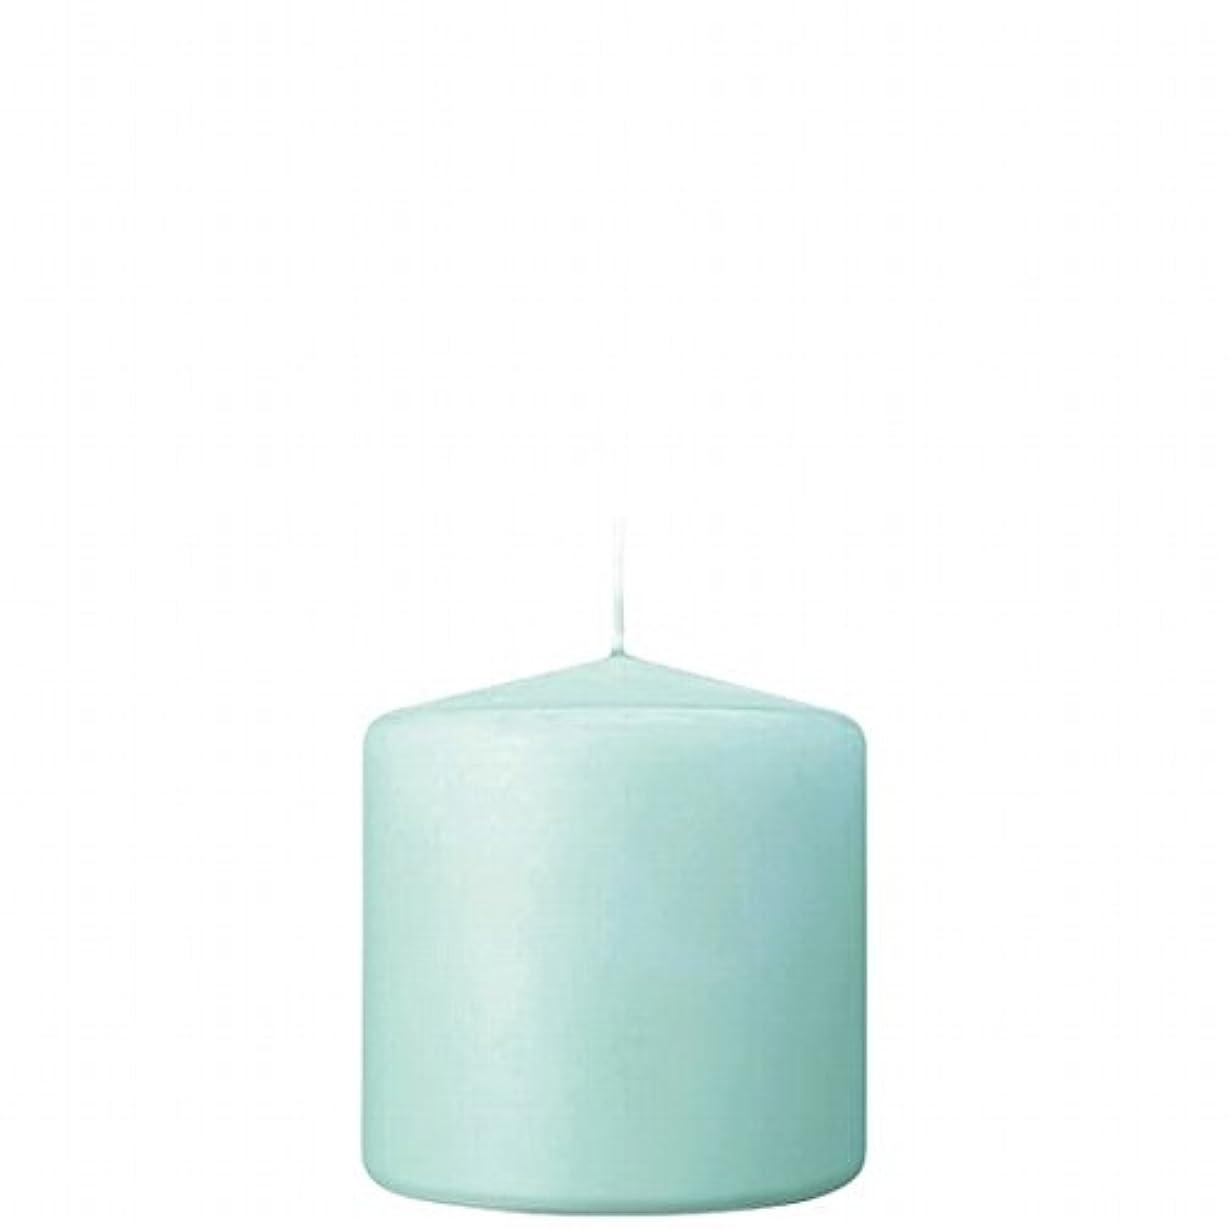 のれん以降不足カメヤマキャンドル(kameyama candle) 3×3ベルトップピラーキャンドル 「 ライトブルー 」